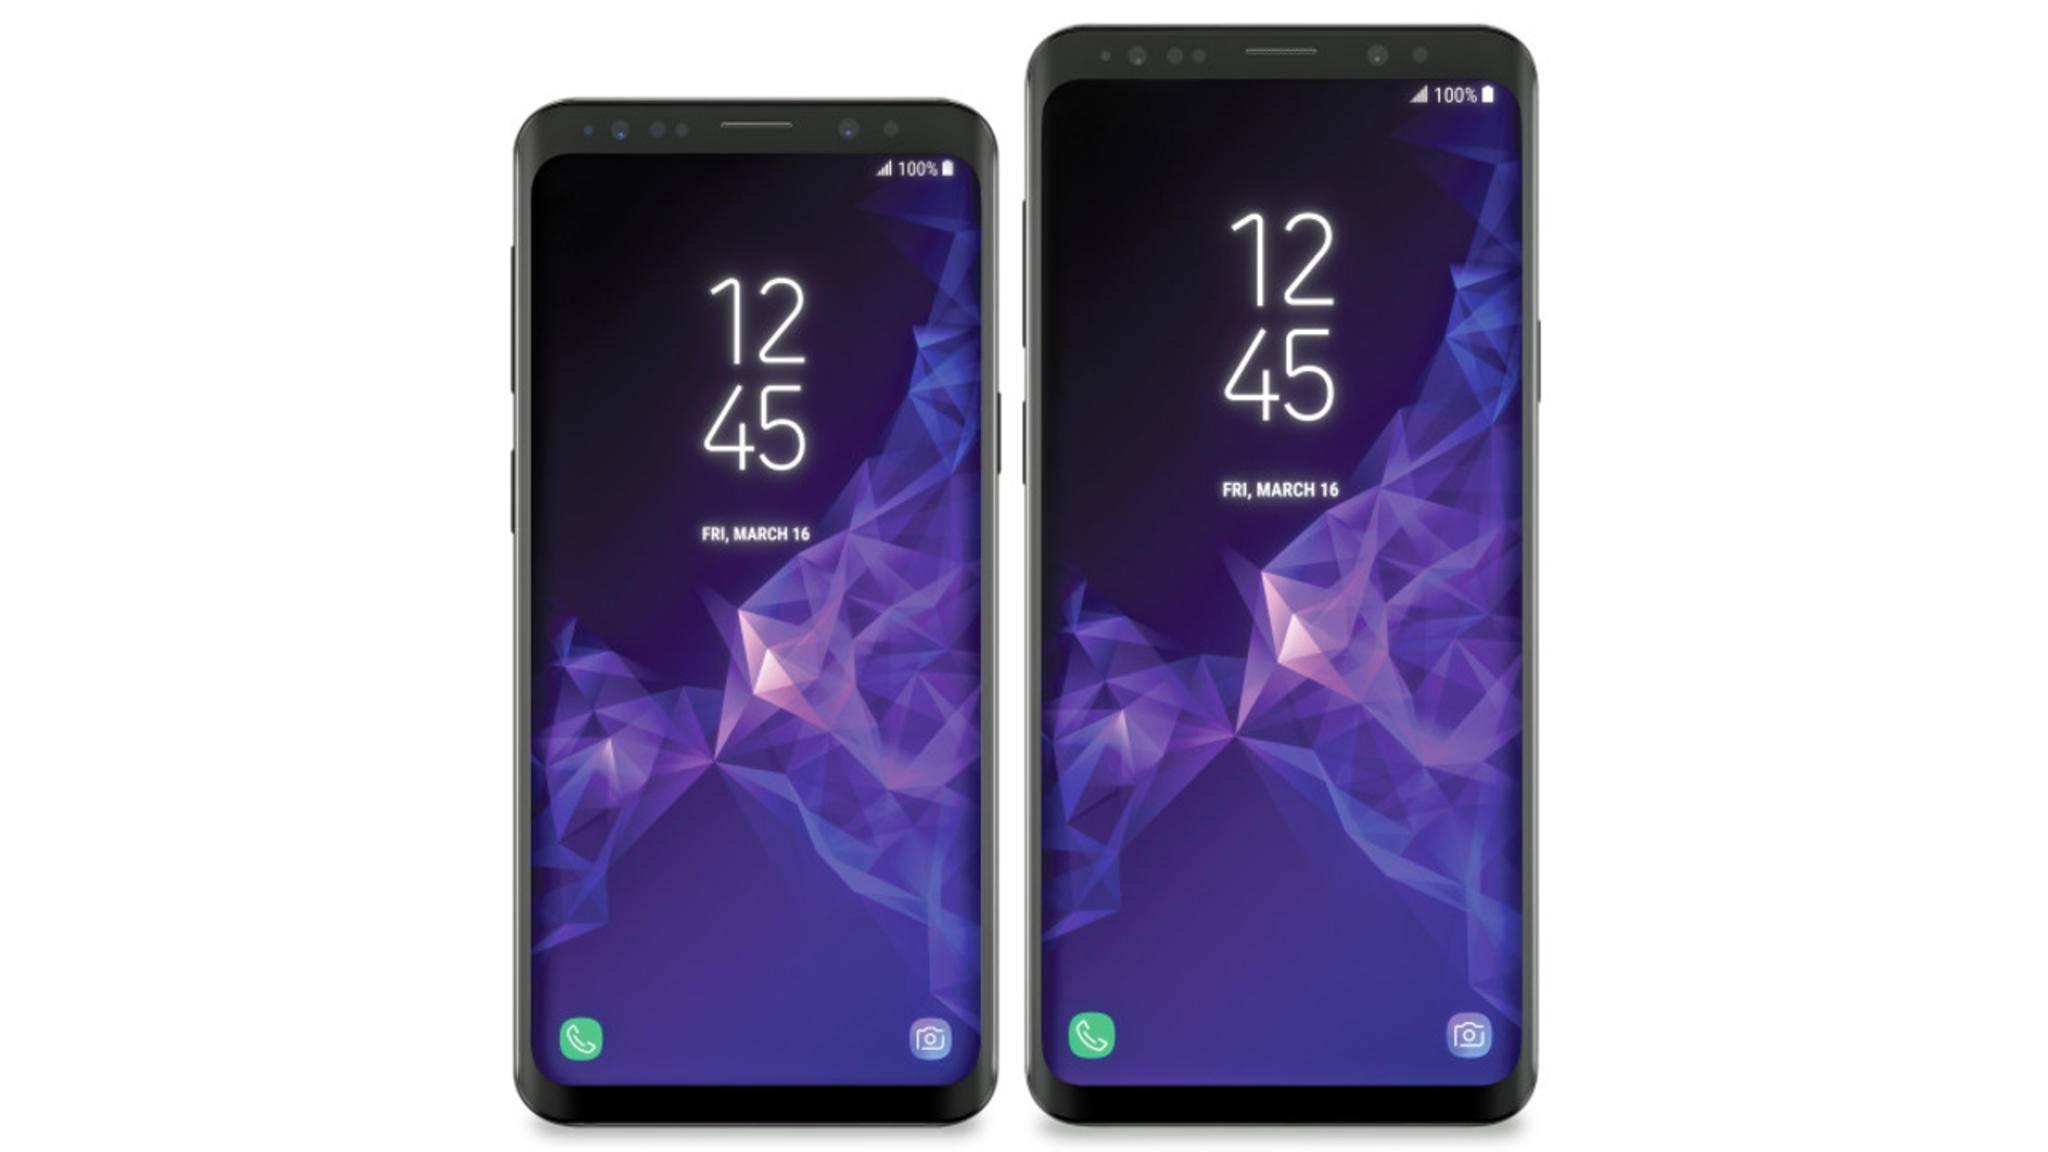 Das Galaxy S9 und das Galaxy S9 Plus werden am 25. Februar vorgestellt.